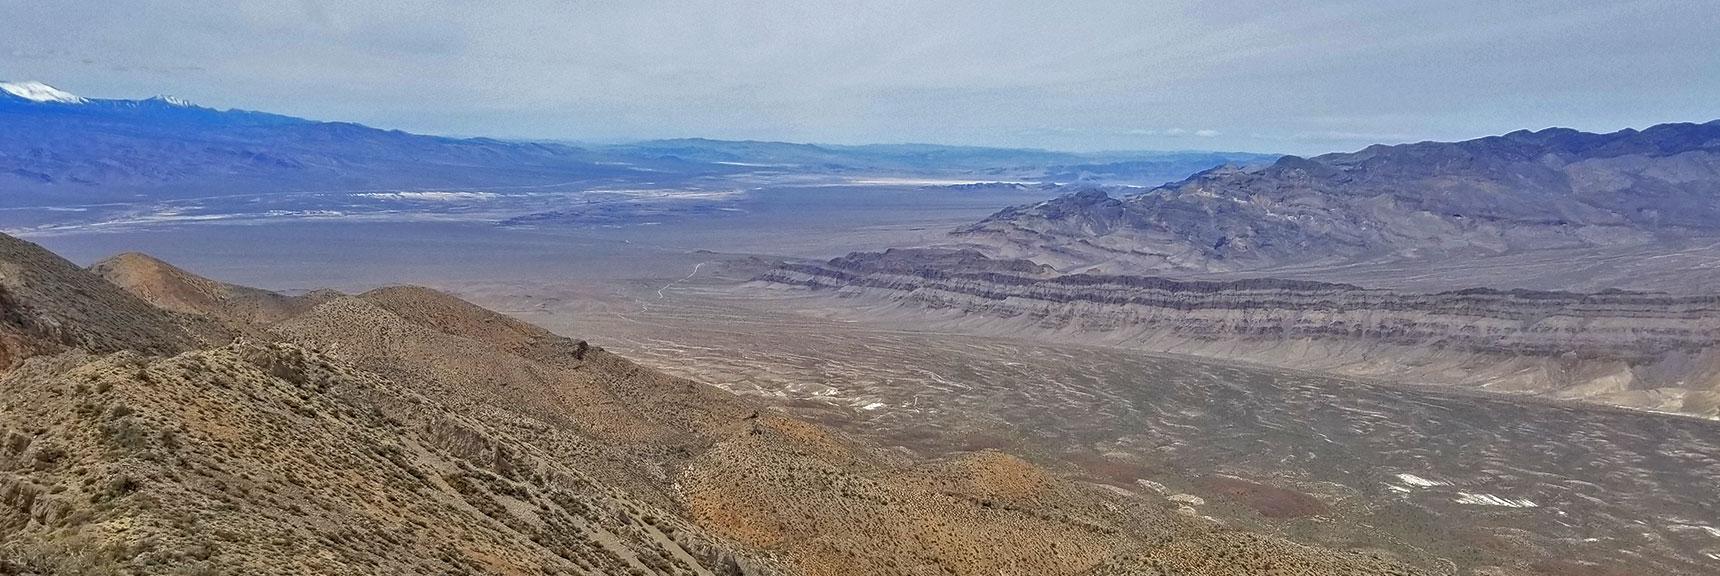 View Northwest From Gass Peak Eastern Summit | Gass Peak Eastern Summit Ultra-marathon Adventure, Nevada